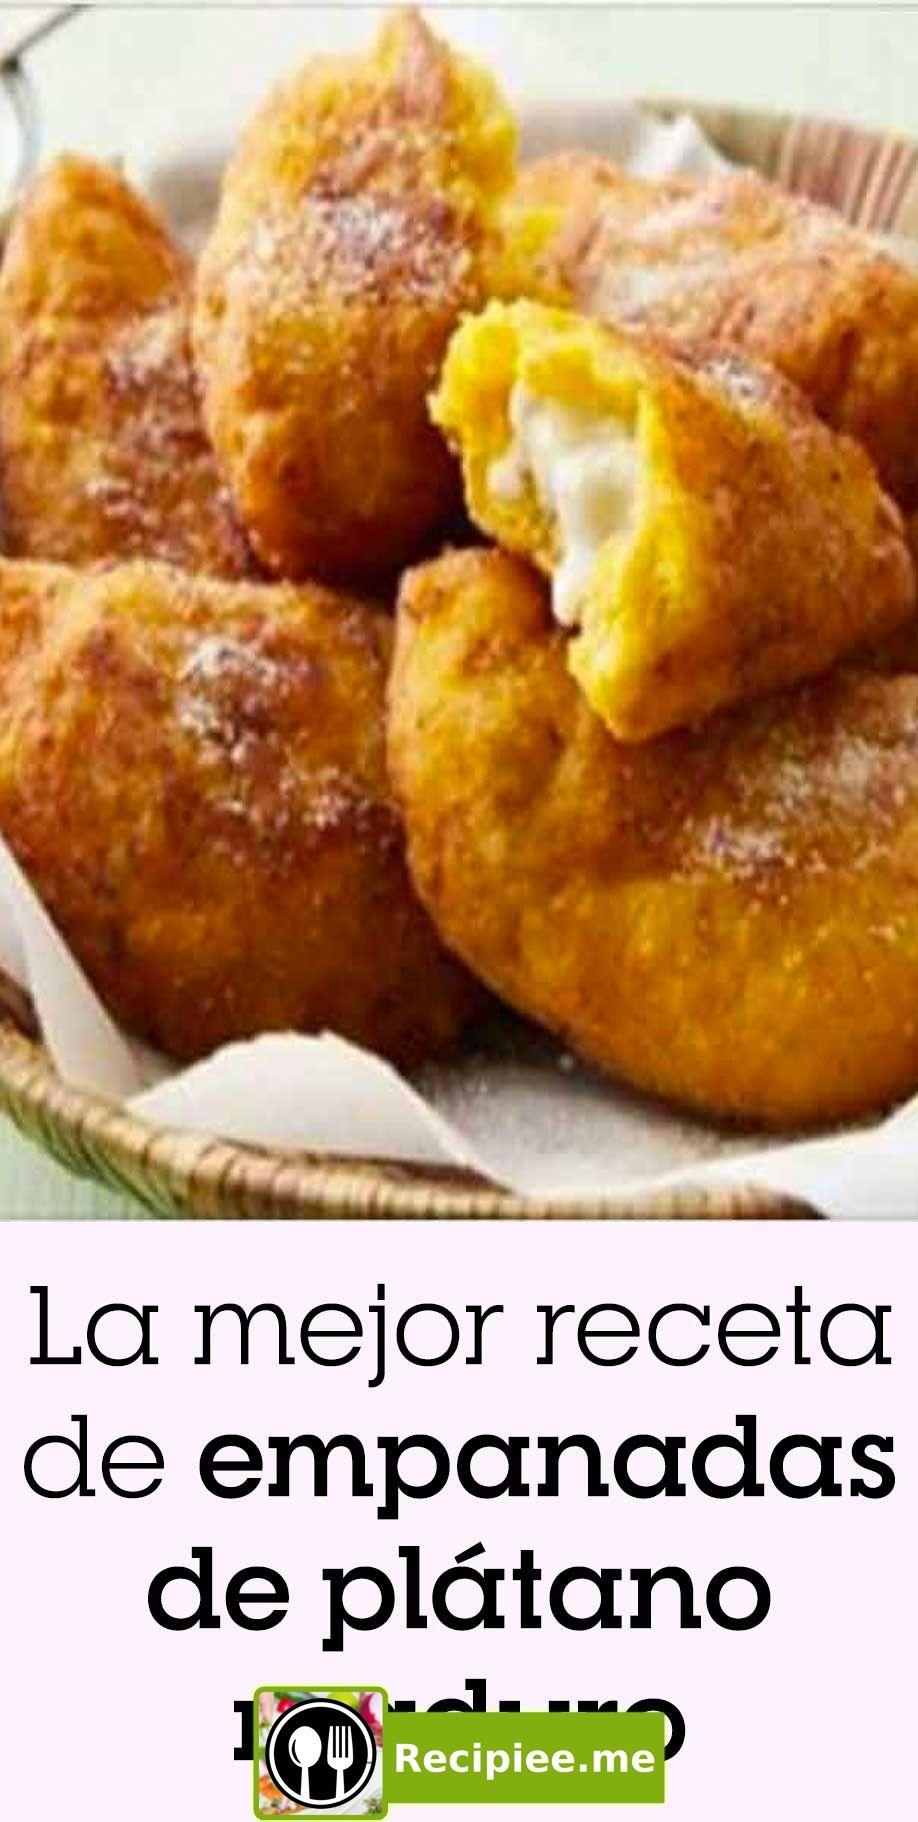 La Mejor Receta De Empanadas De Plátano Maduro De Empanadas La Maduro Mejor Plátano Receta Receta De Empanadas Mejores Recetas Recetas Con Platano